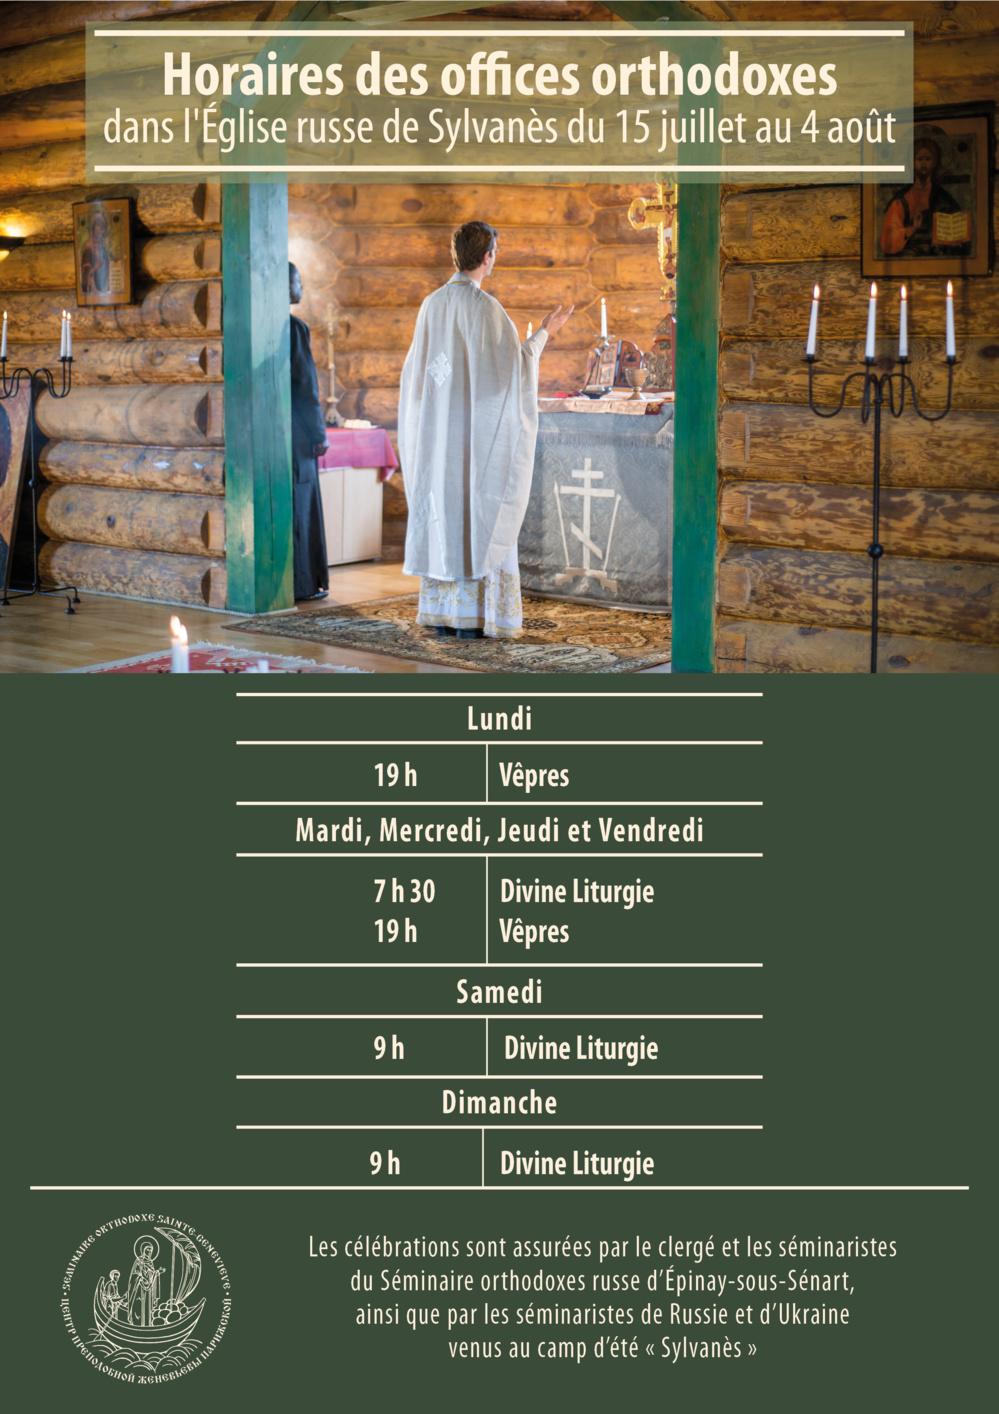 Расписание богослужений в русской церкви в Сильванесе